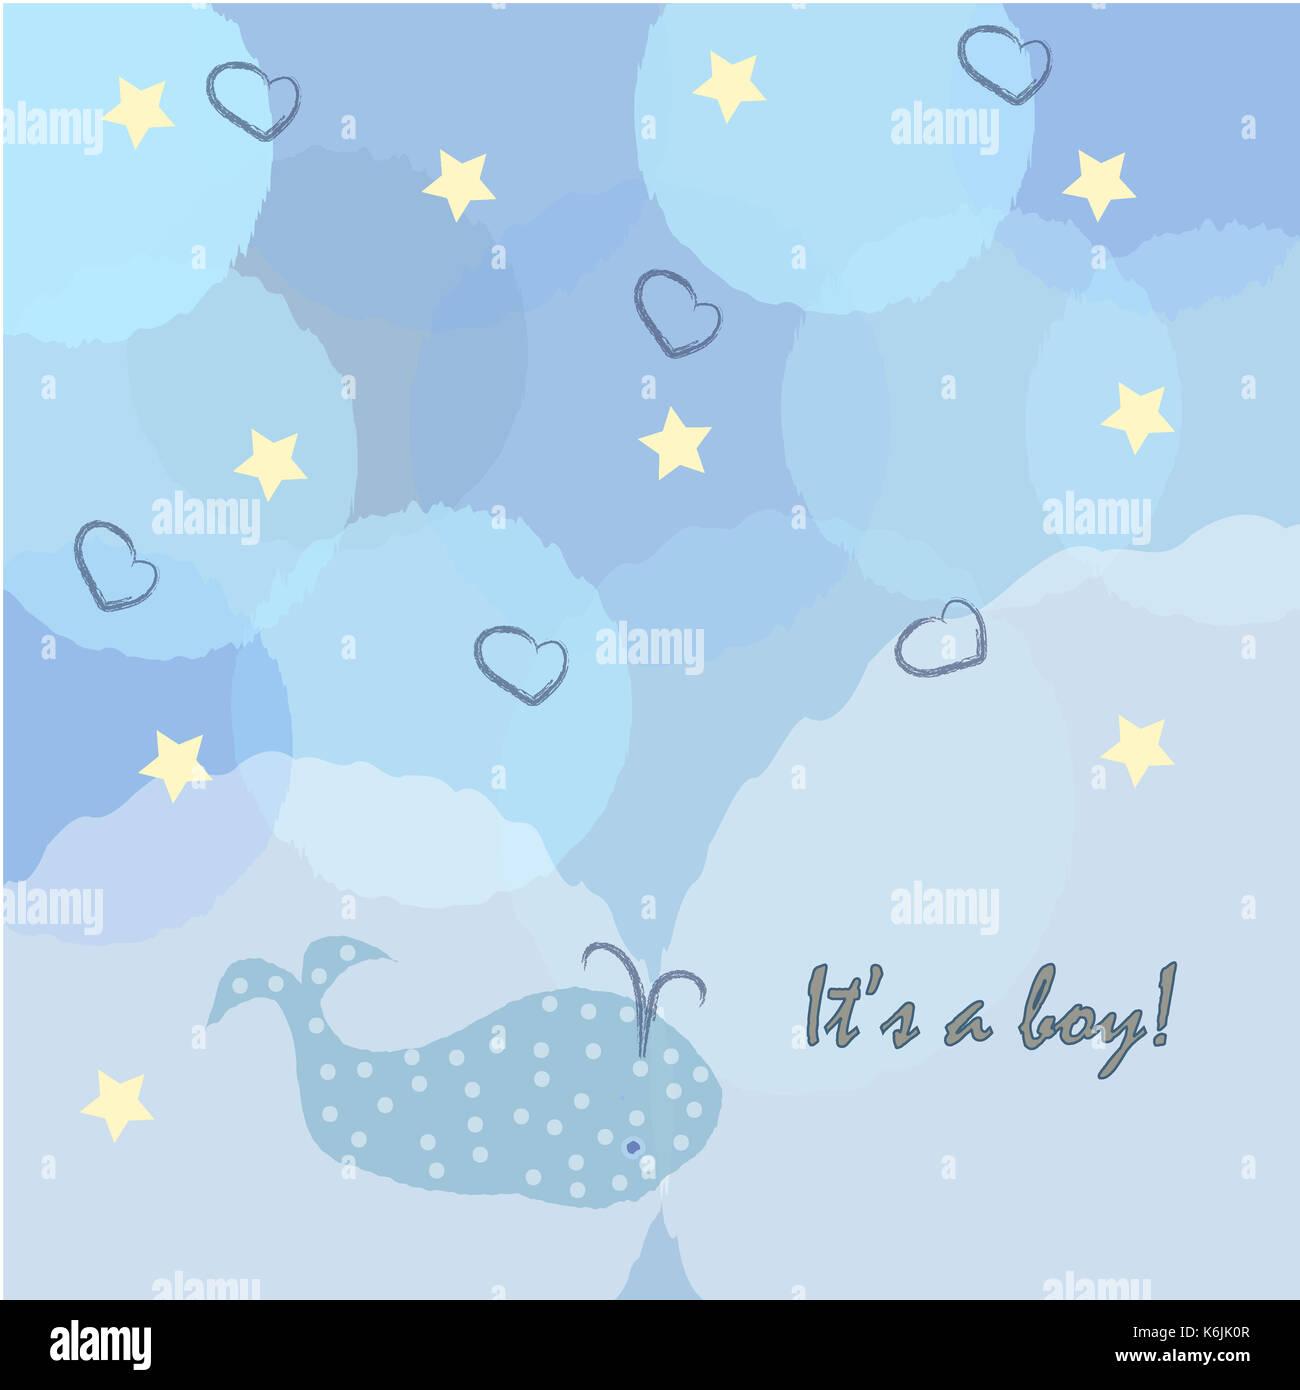 5c7d2415361a4 Avis de naissance Bébé garçon.. carte d'invitation de douche de bébé  baleine mignon annonce l'arrivée d'un bébé garçon. La conception de cartes  avec de l'or ...